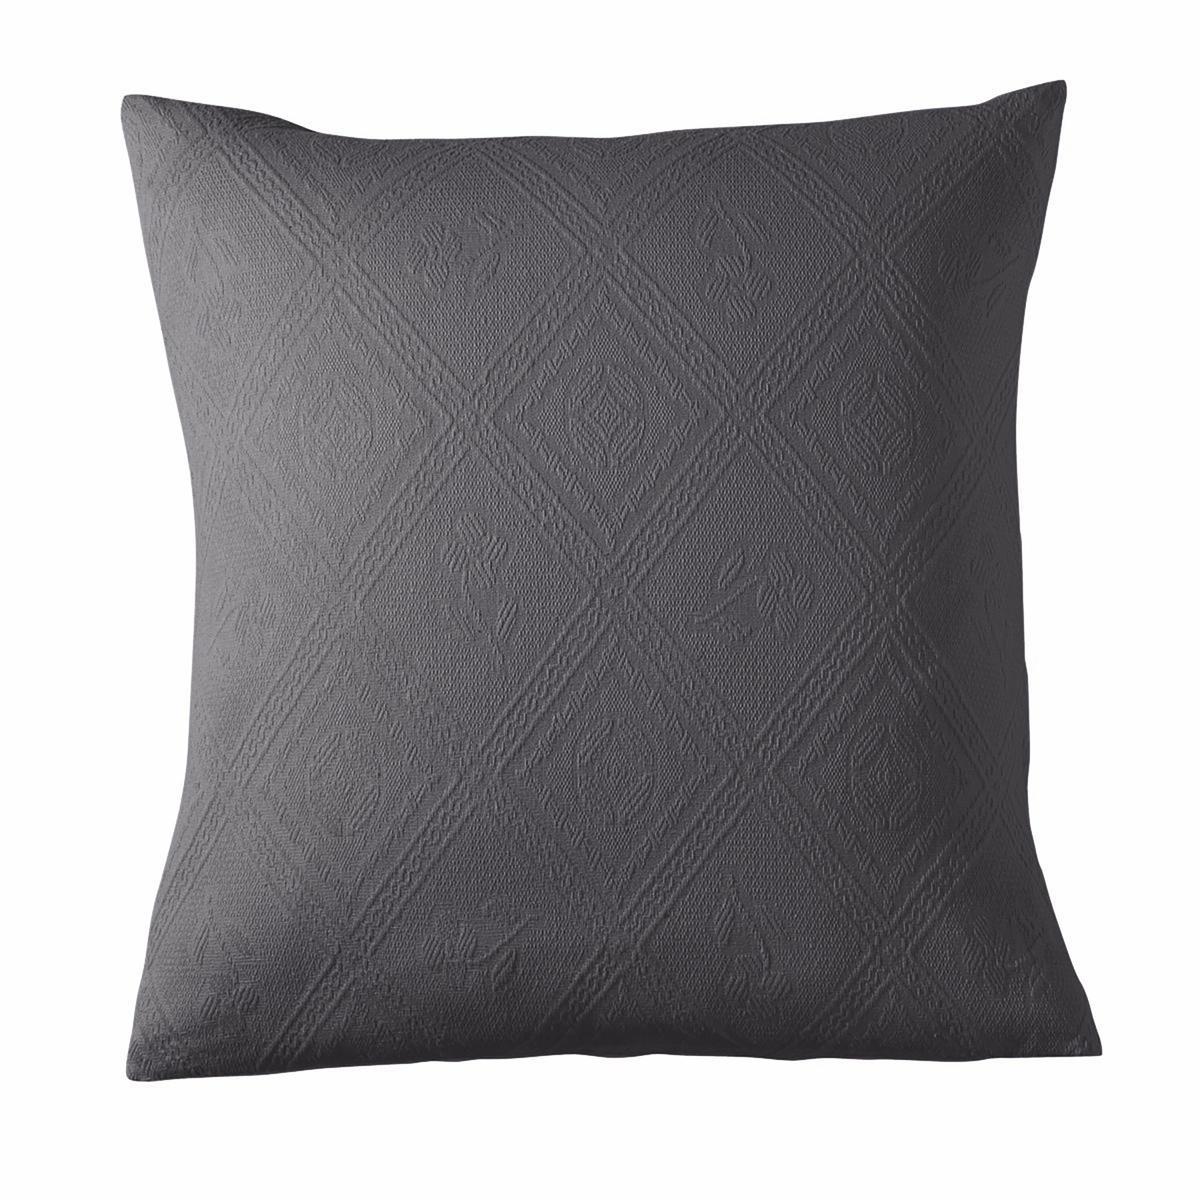 Чехол на подушку из жаккардовой ткани, INDO